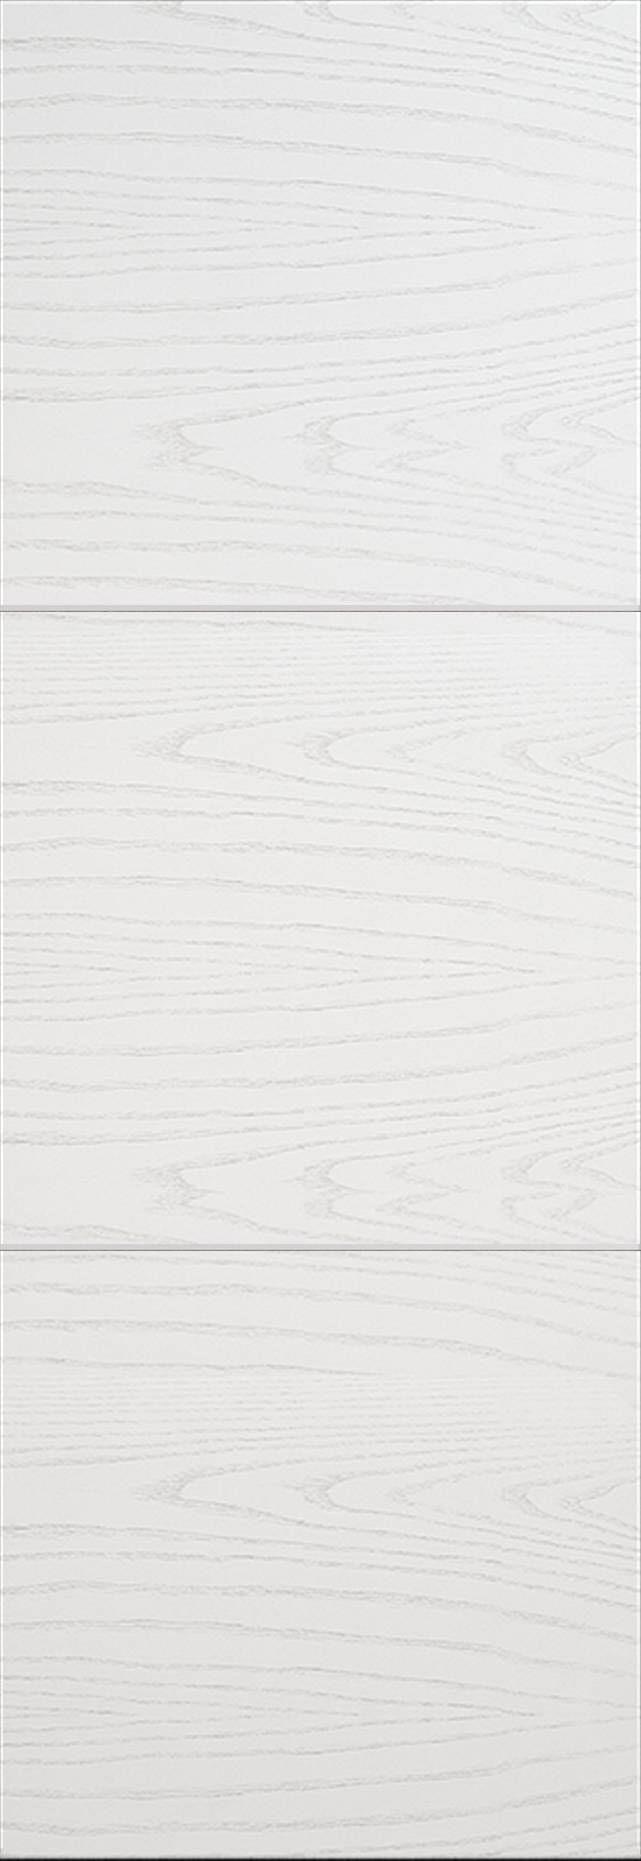 Tivoli В-3 Invisible цвет - Ясень белая эмаль Без стекла (ДГ)